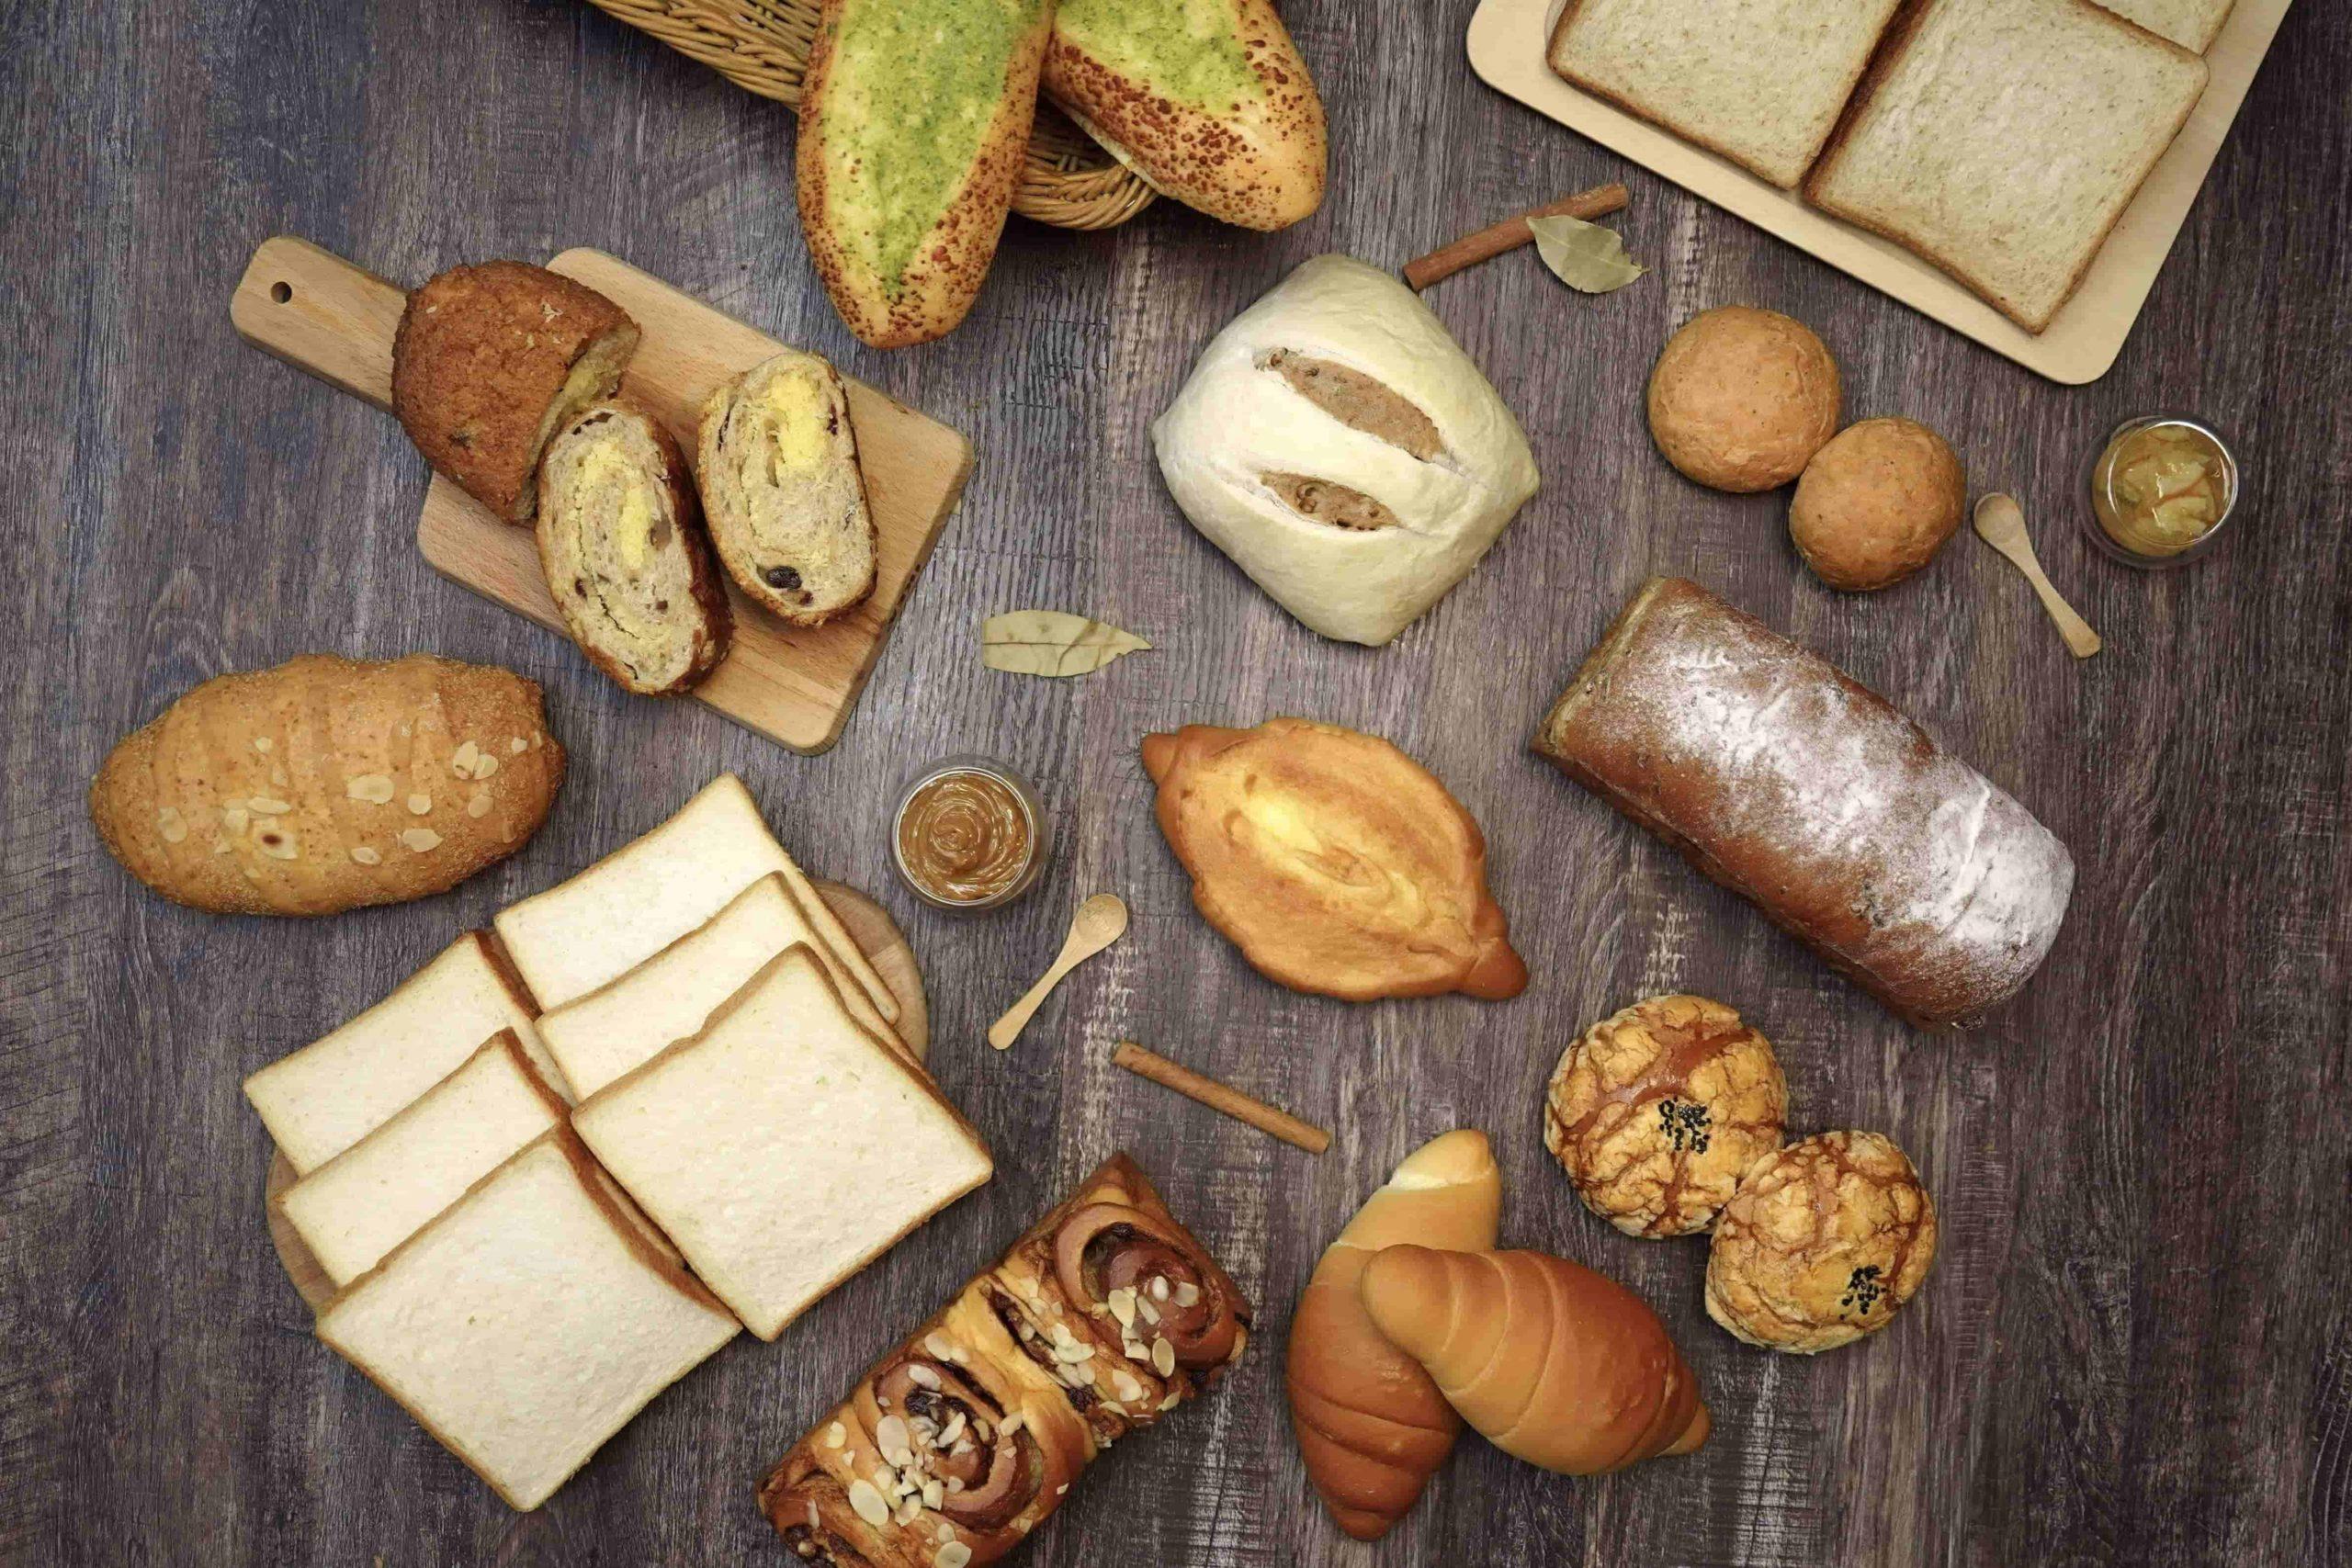 台北花園大酒店花比麵包坊推「職人手作澎湃麵包箱」輕鬆解決早餐及午後時光 鹹甜麵包輕鬆下單宅配直送到府